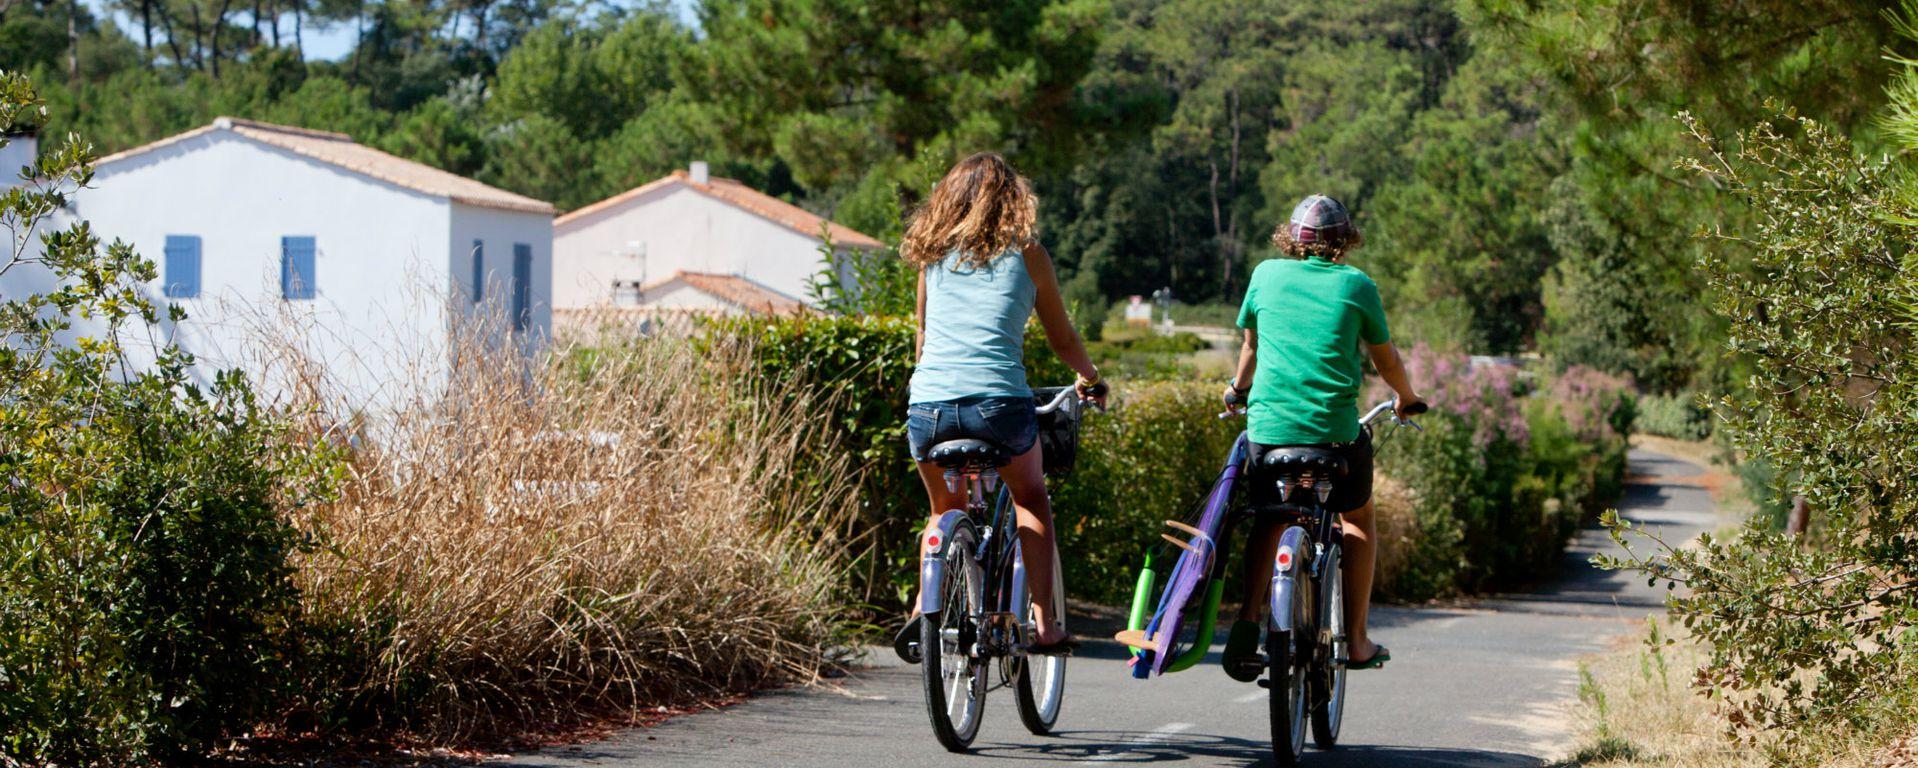 Nombreux itinéraires à vélo